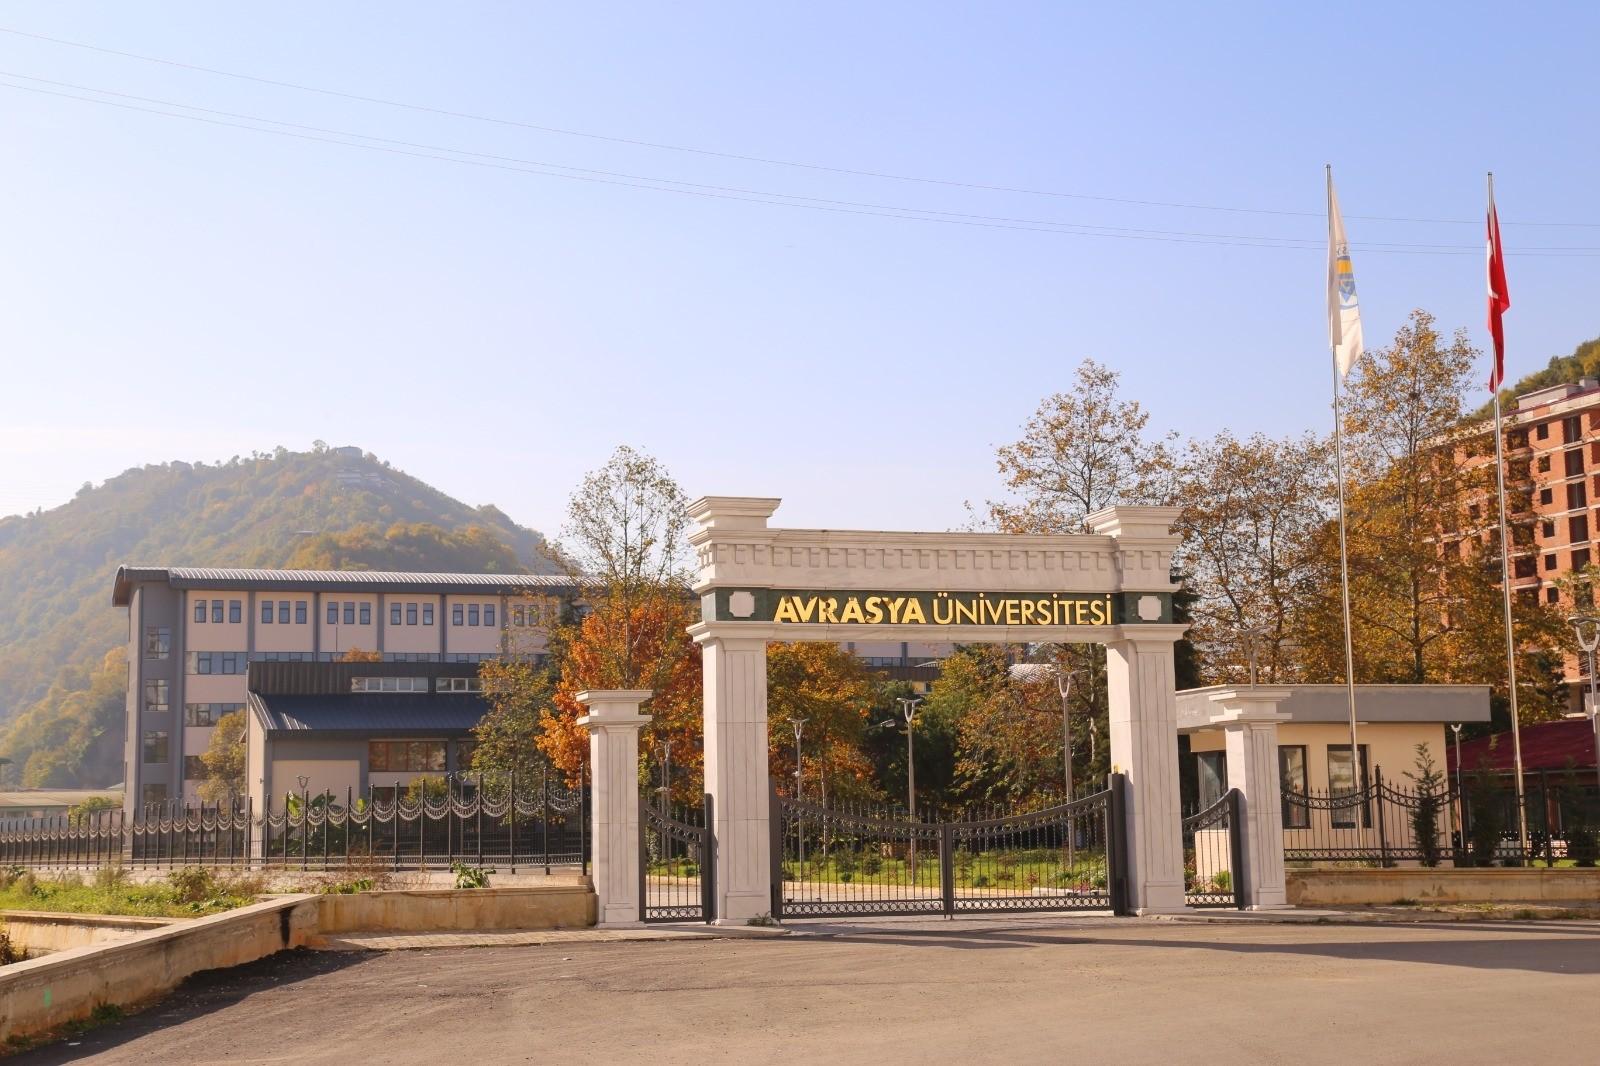 Avrasya üniversitesi Beden Eğitimi ve Spor yüksek lisans programı açıldı